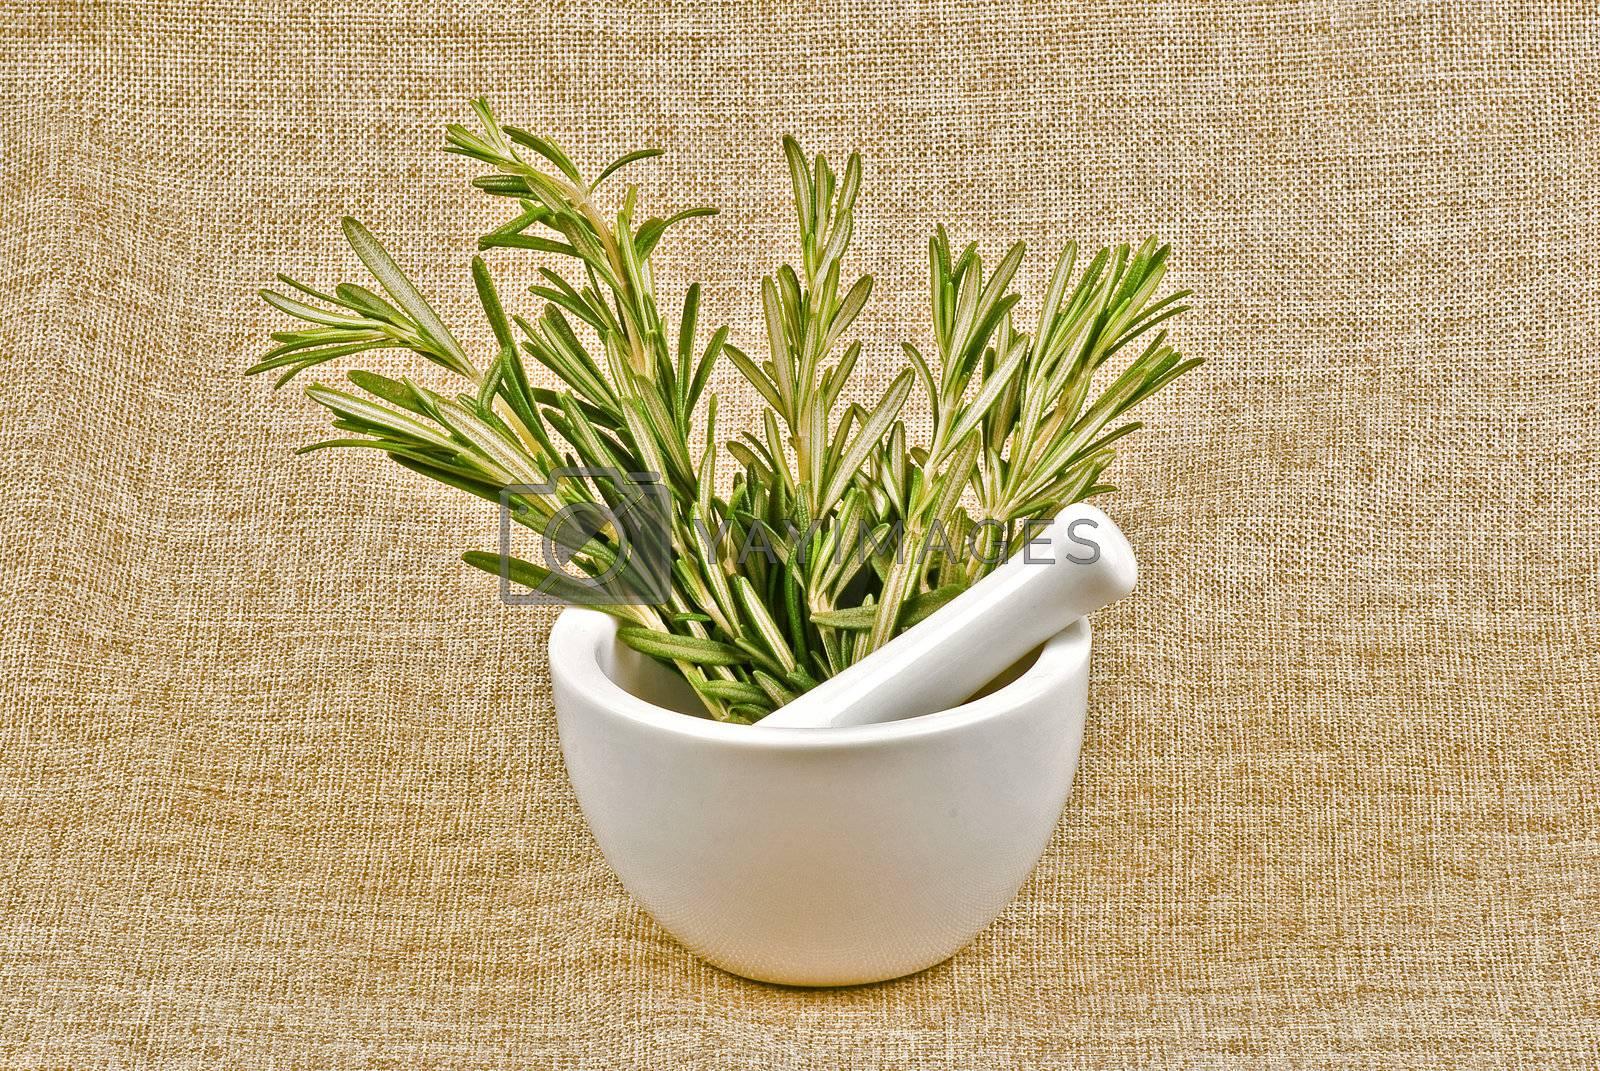 Rosemary by caldix